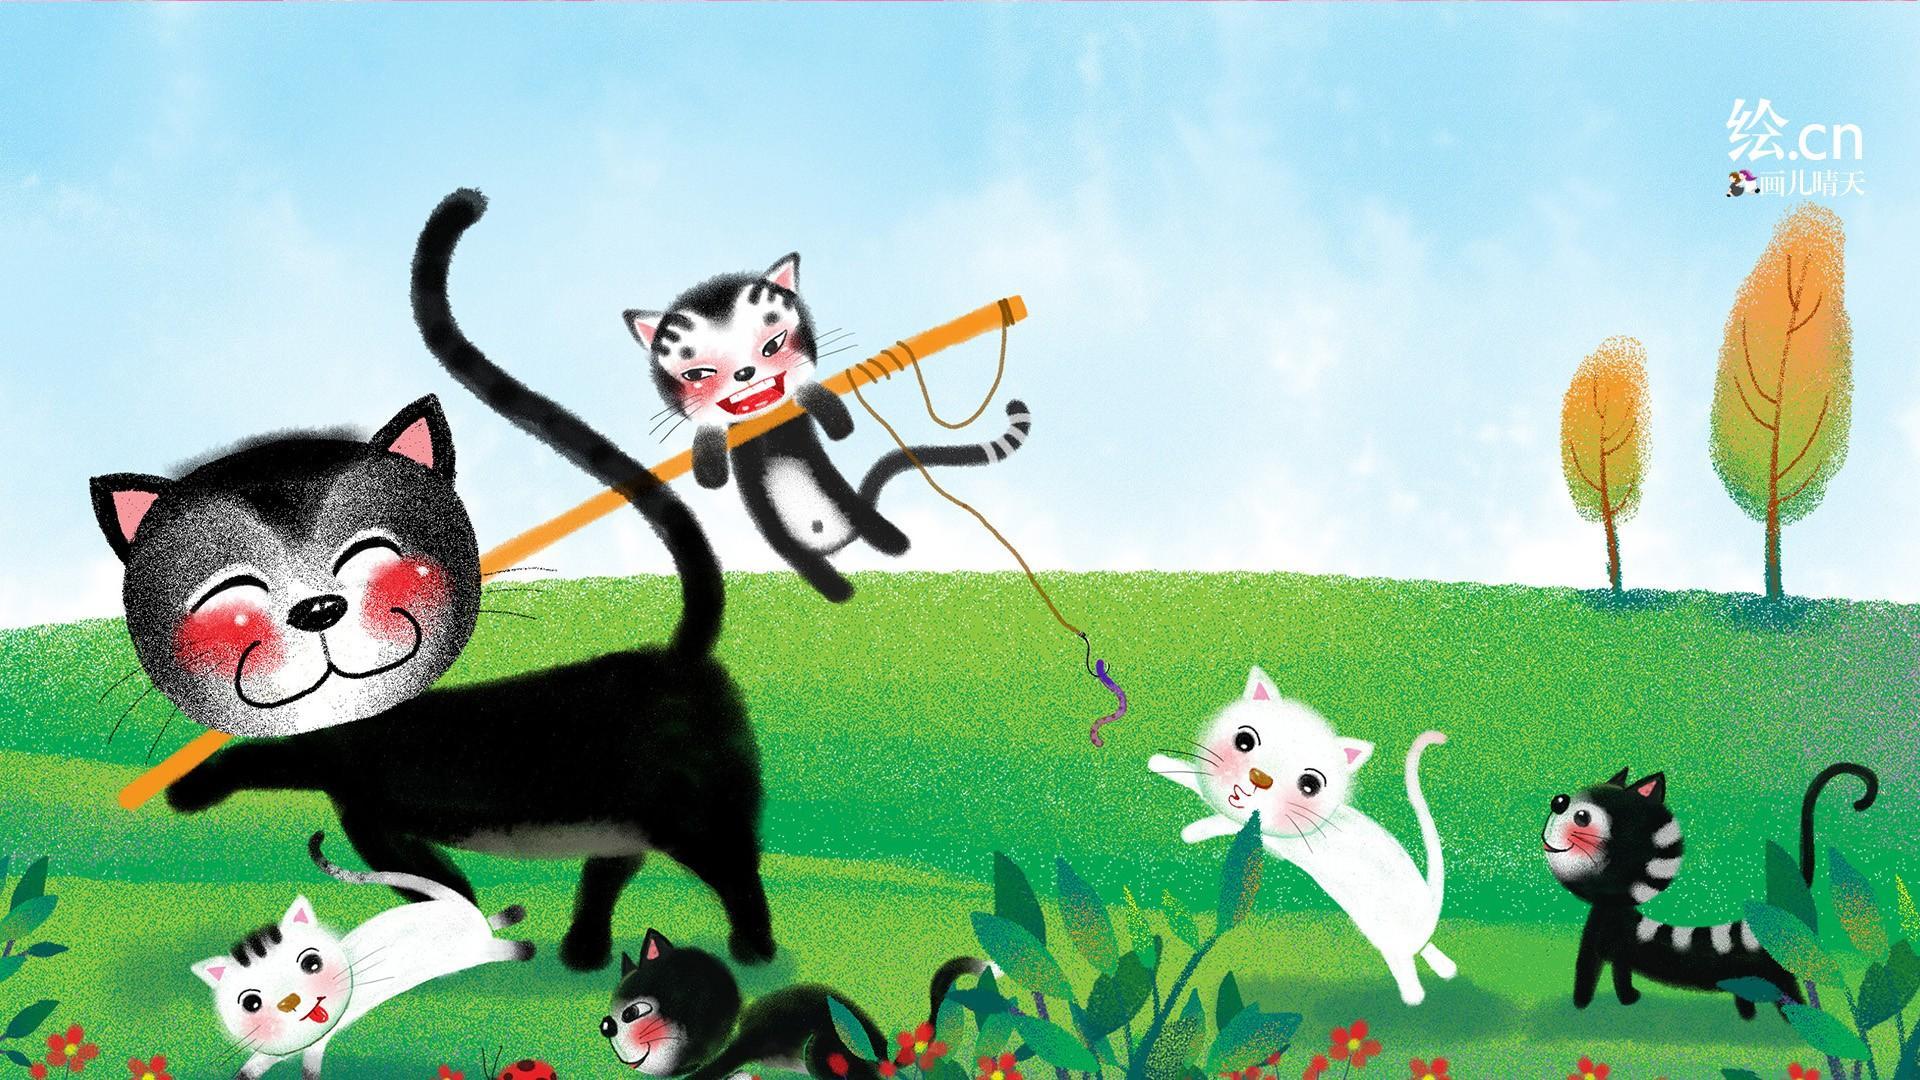 首页 图片 生活  1/9 童趣绘卡通设计桌面壁纸,可爱的动物绘画,有可爱